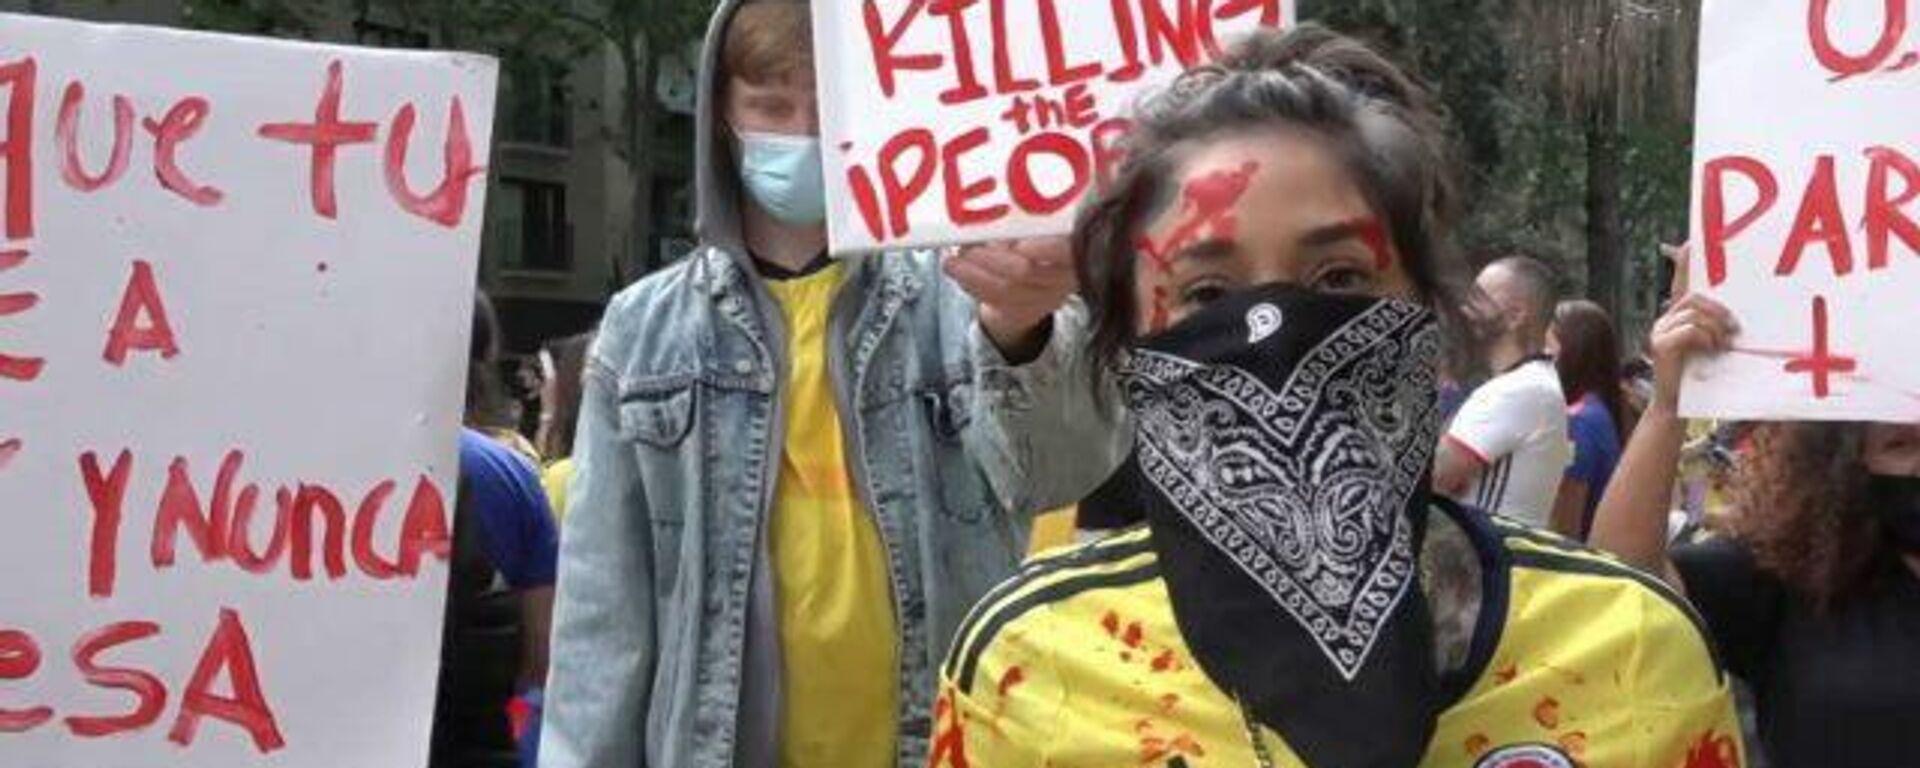 Barcelona se solidariza con las protestas en Colombia - Sputnik Mundo, 1920, 07.05.2021